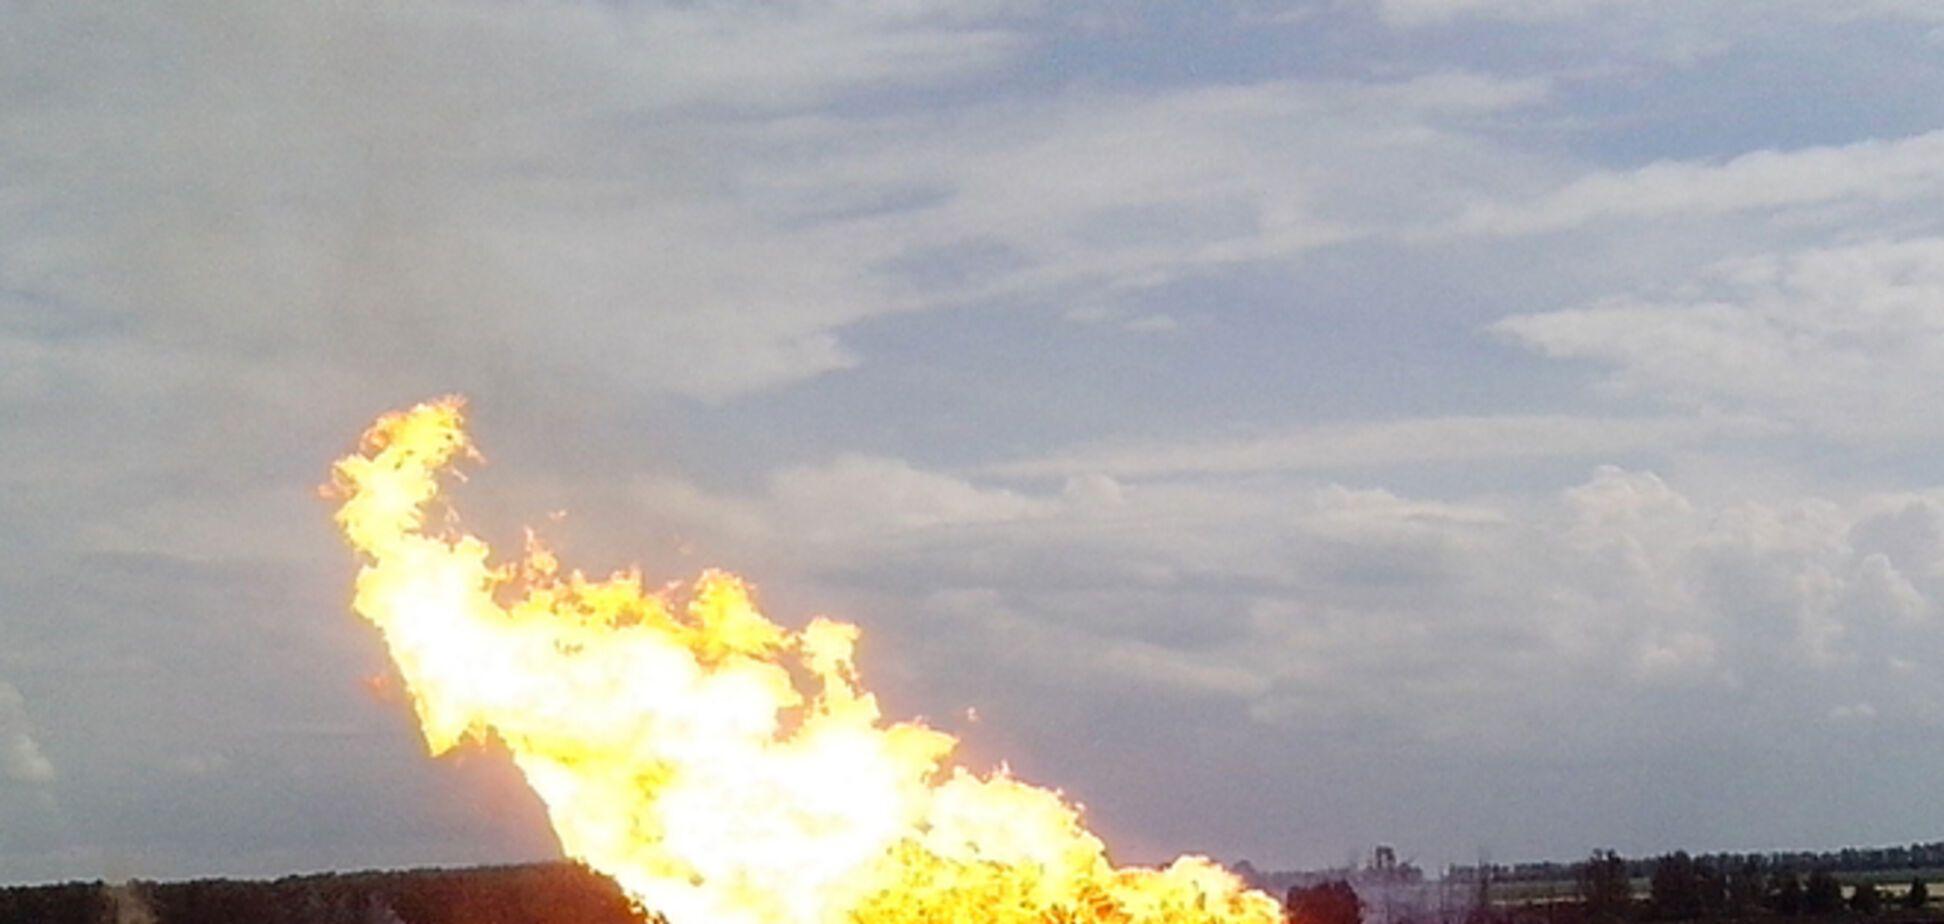 Аваков: главная версия взрыва на газопроводе в Полтавской области – теракт